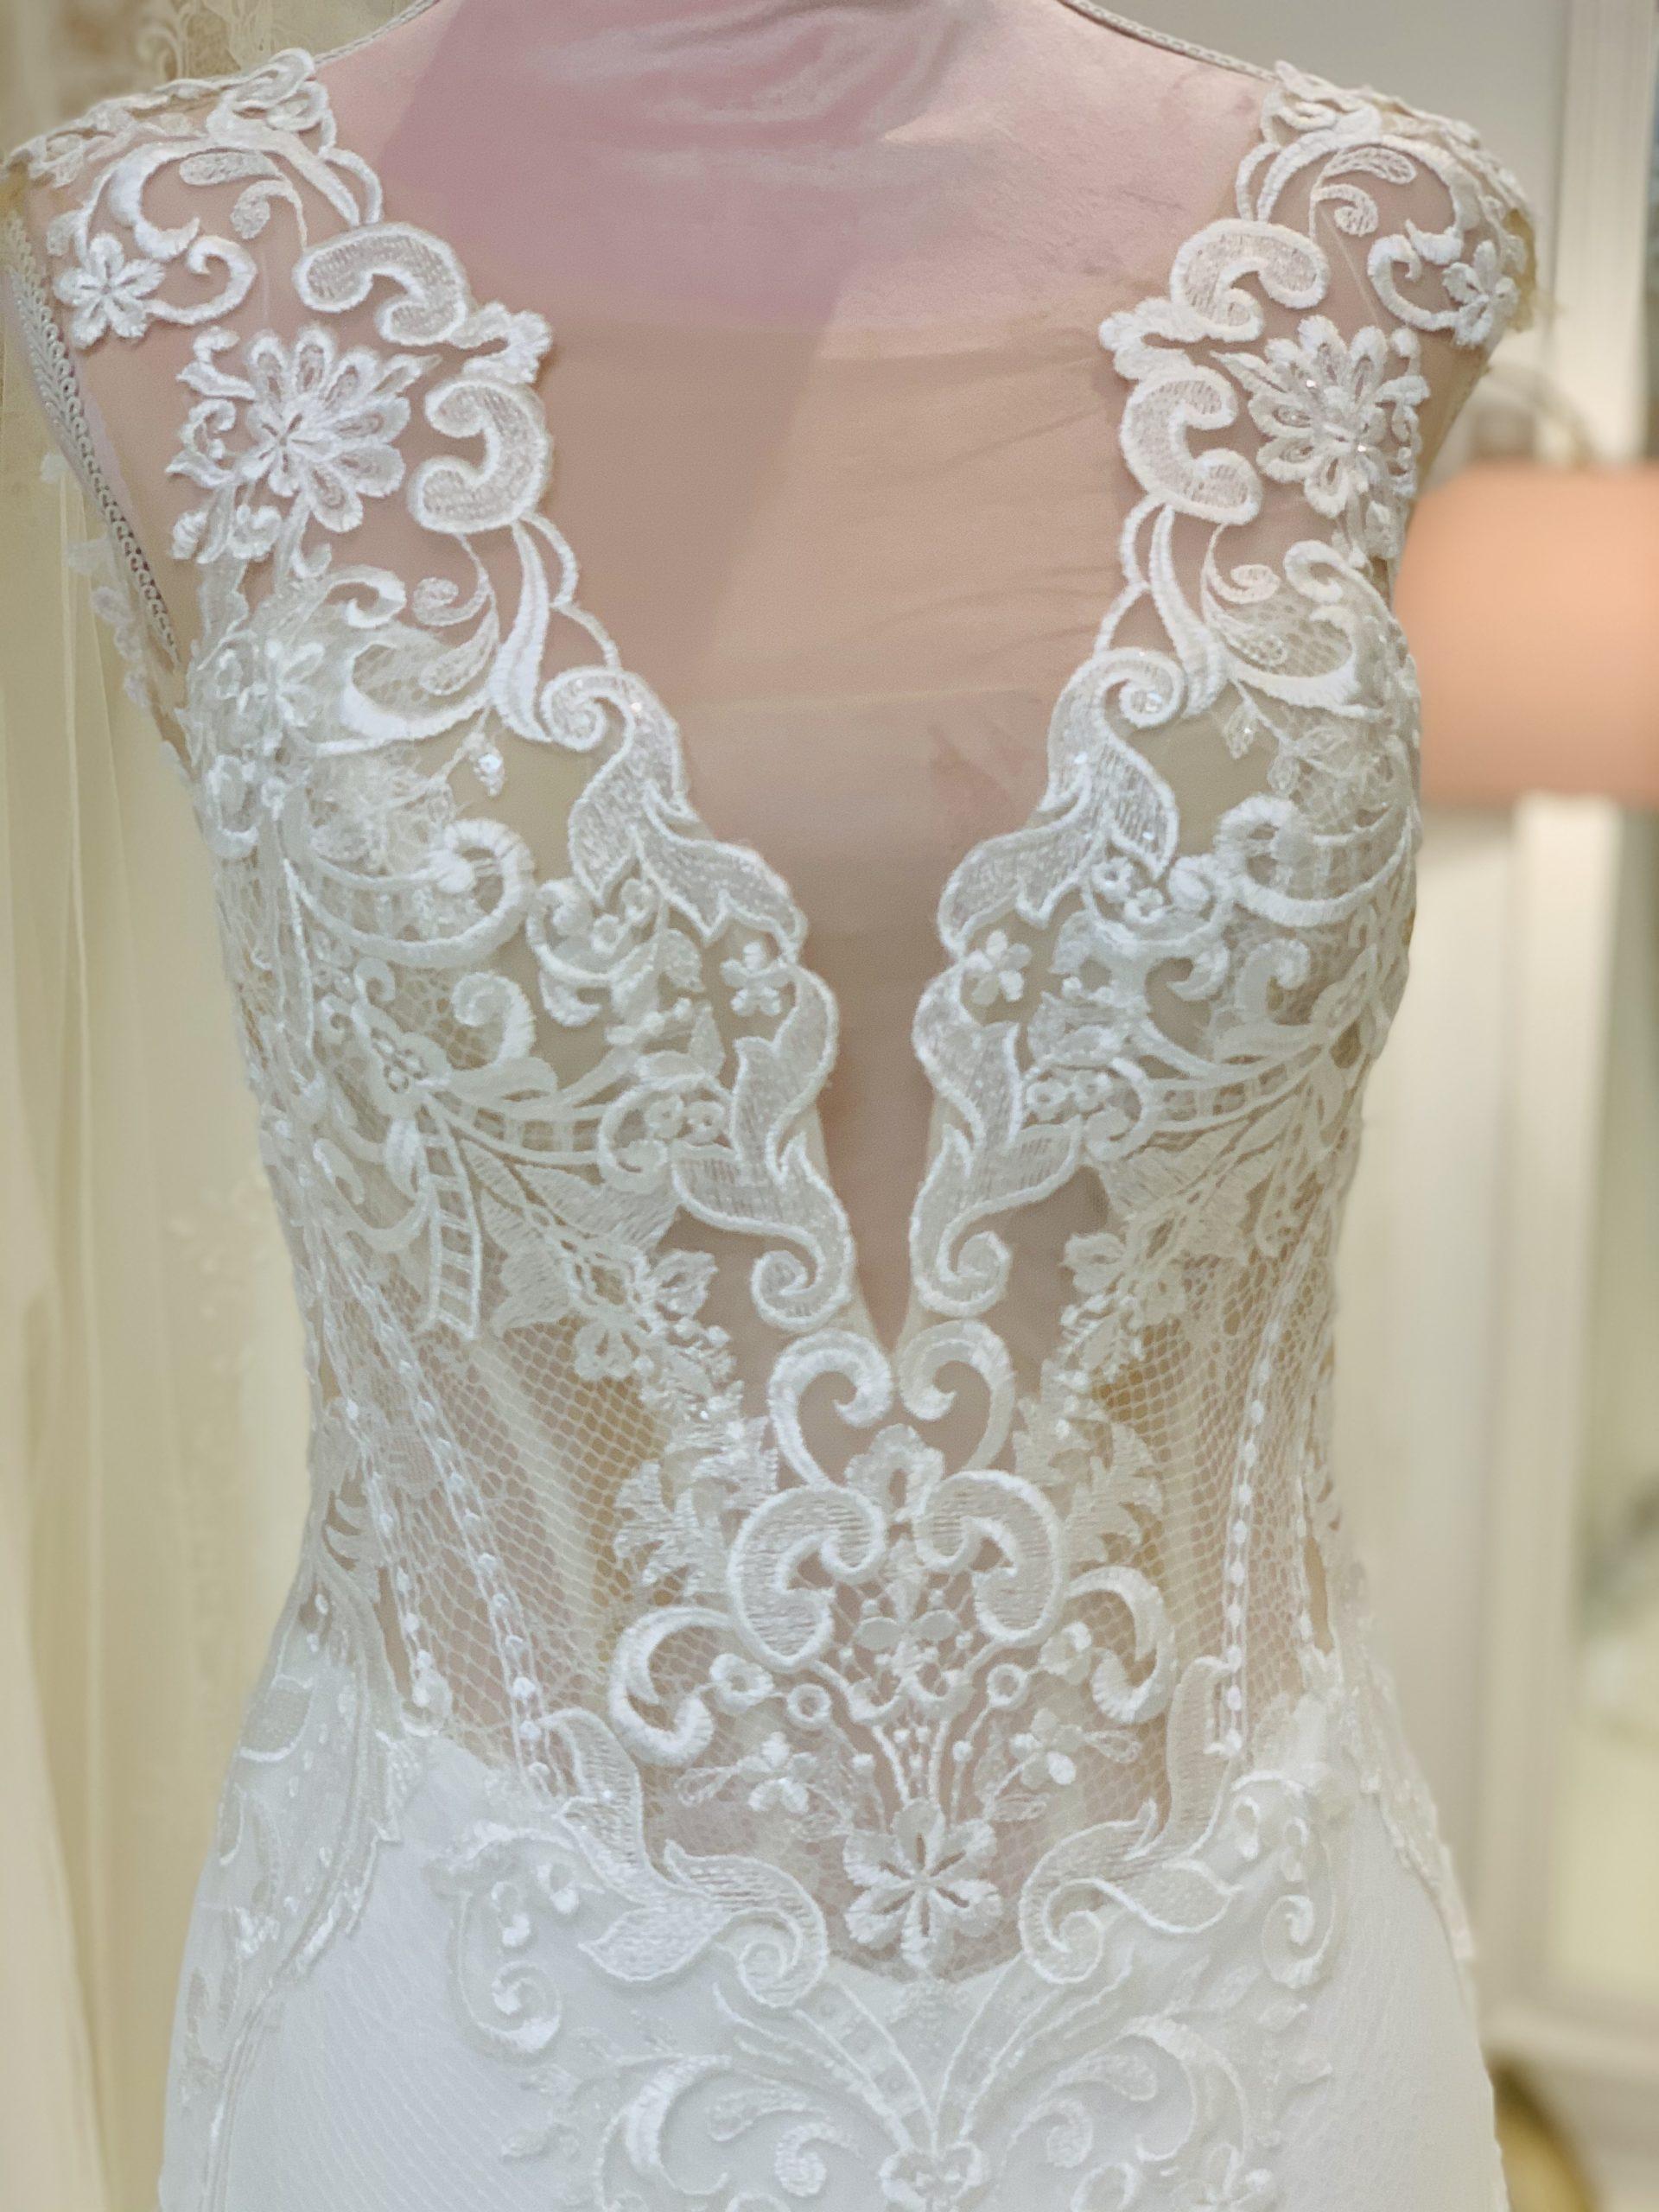 Brautkleid 1 - Oberteil